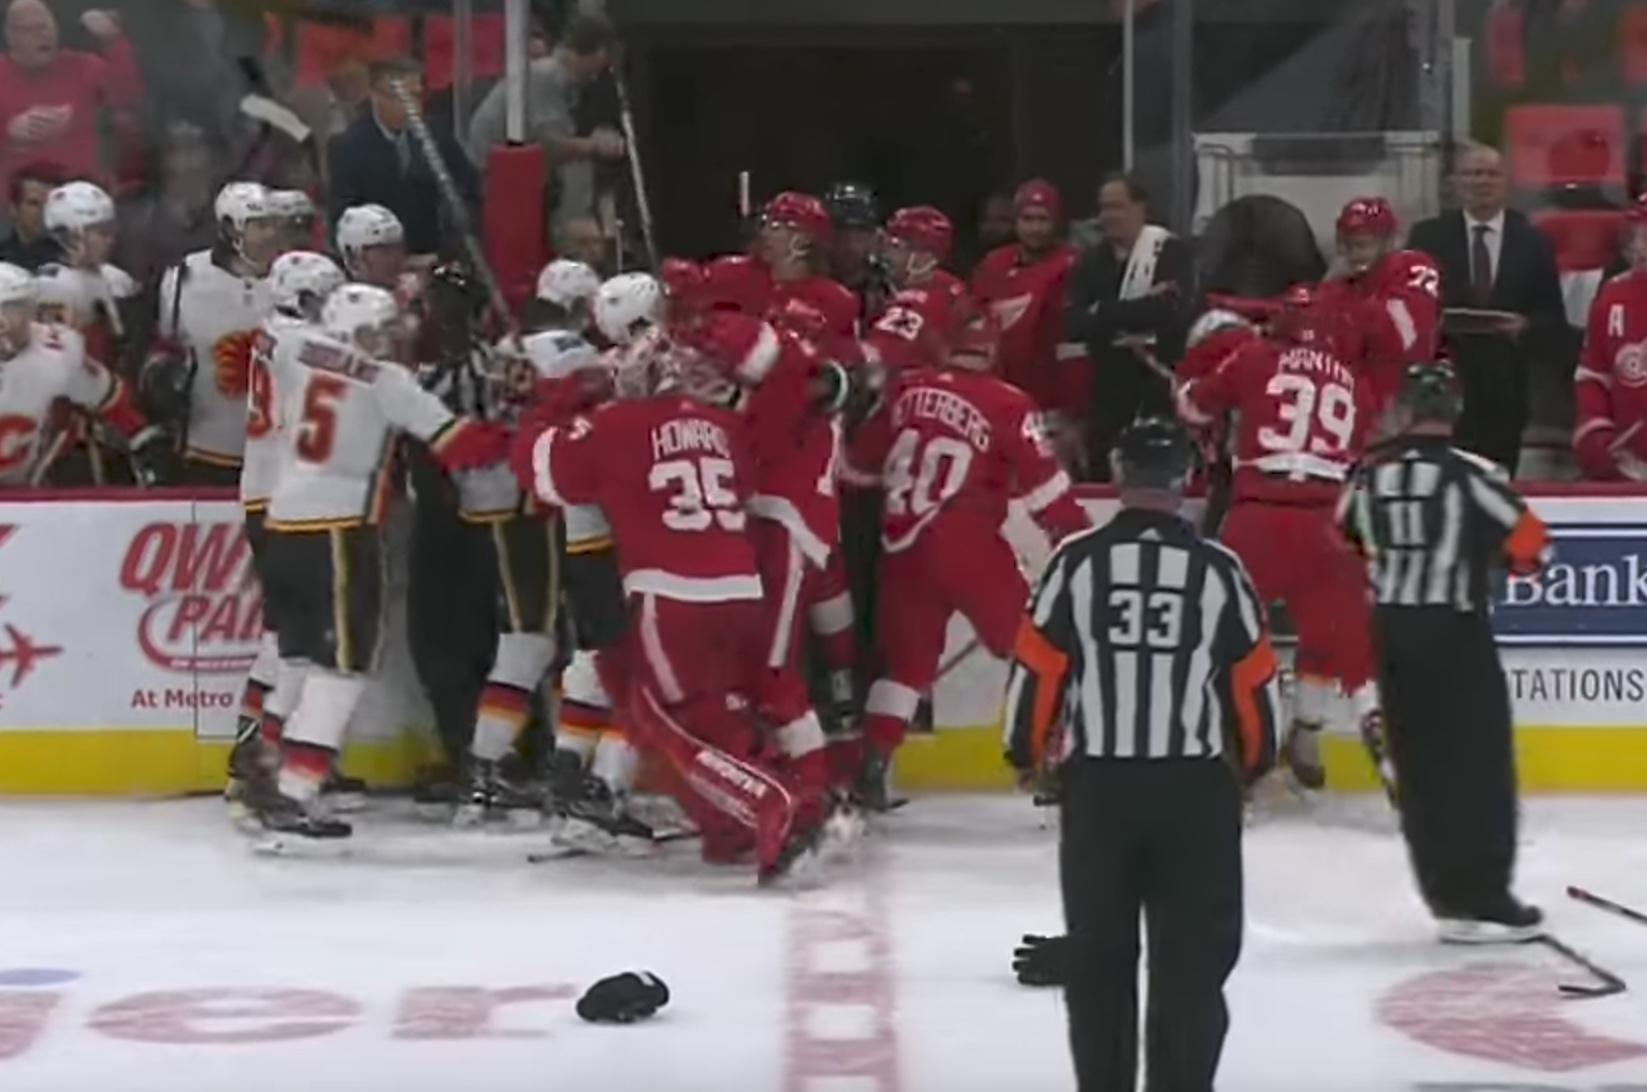 Video: Joukkotappelu keskeytti Detroitin ja Calgaryn ottelun | Laitataklaus.com